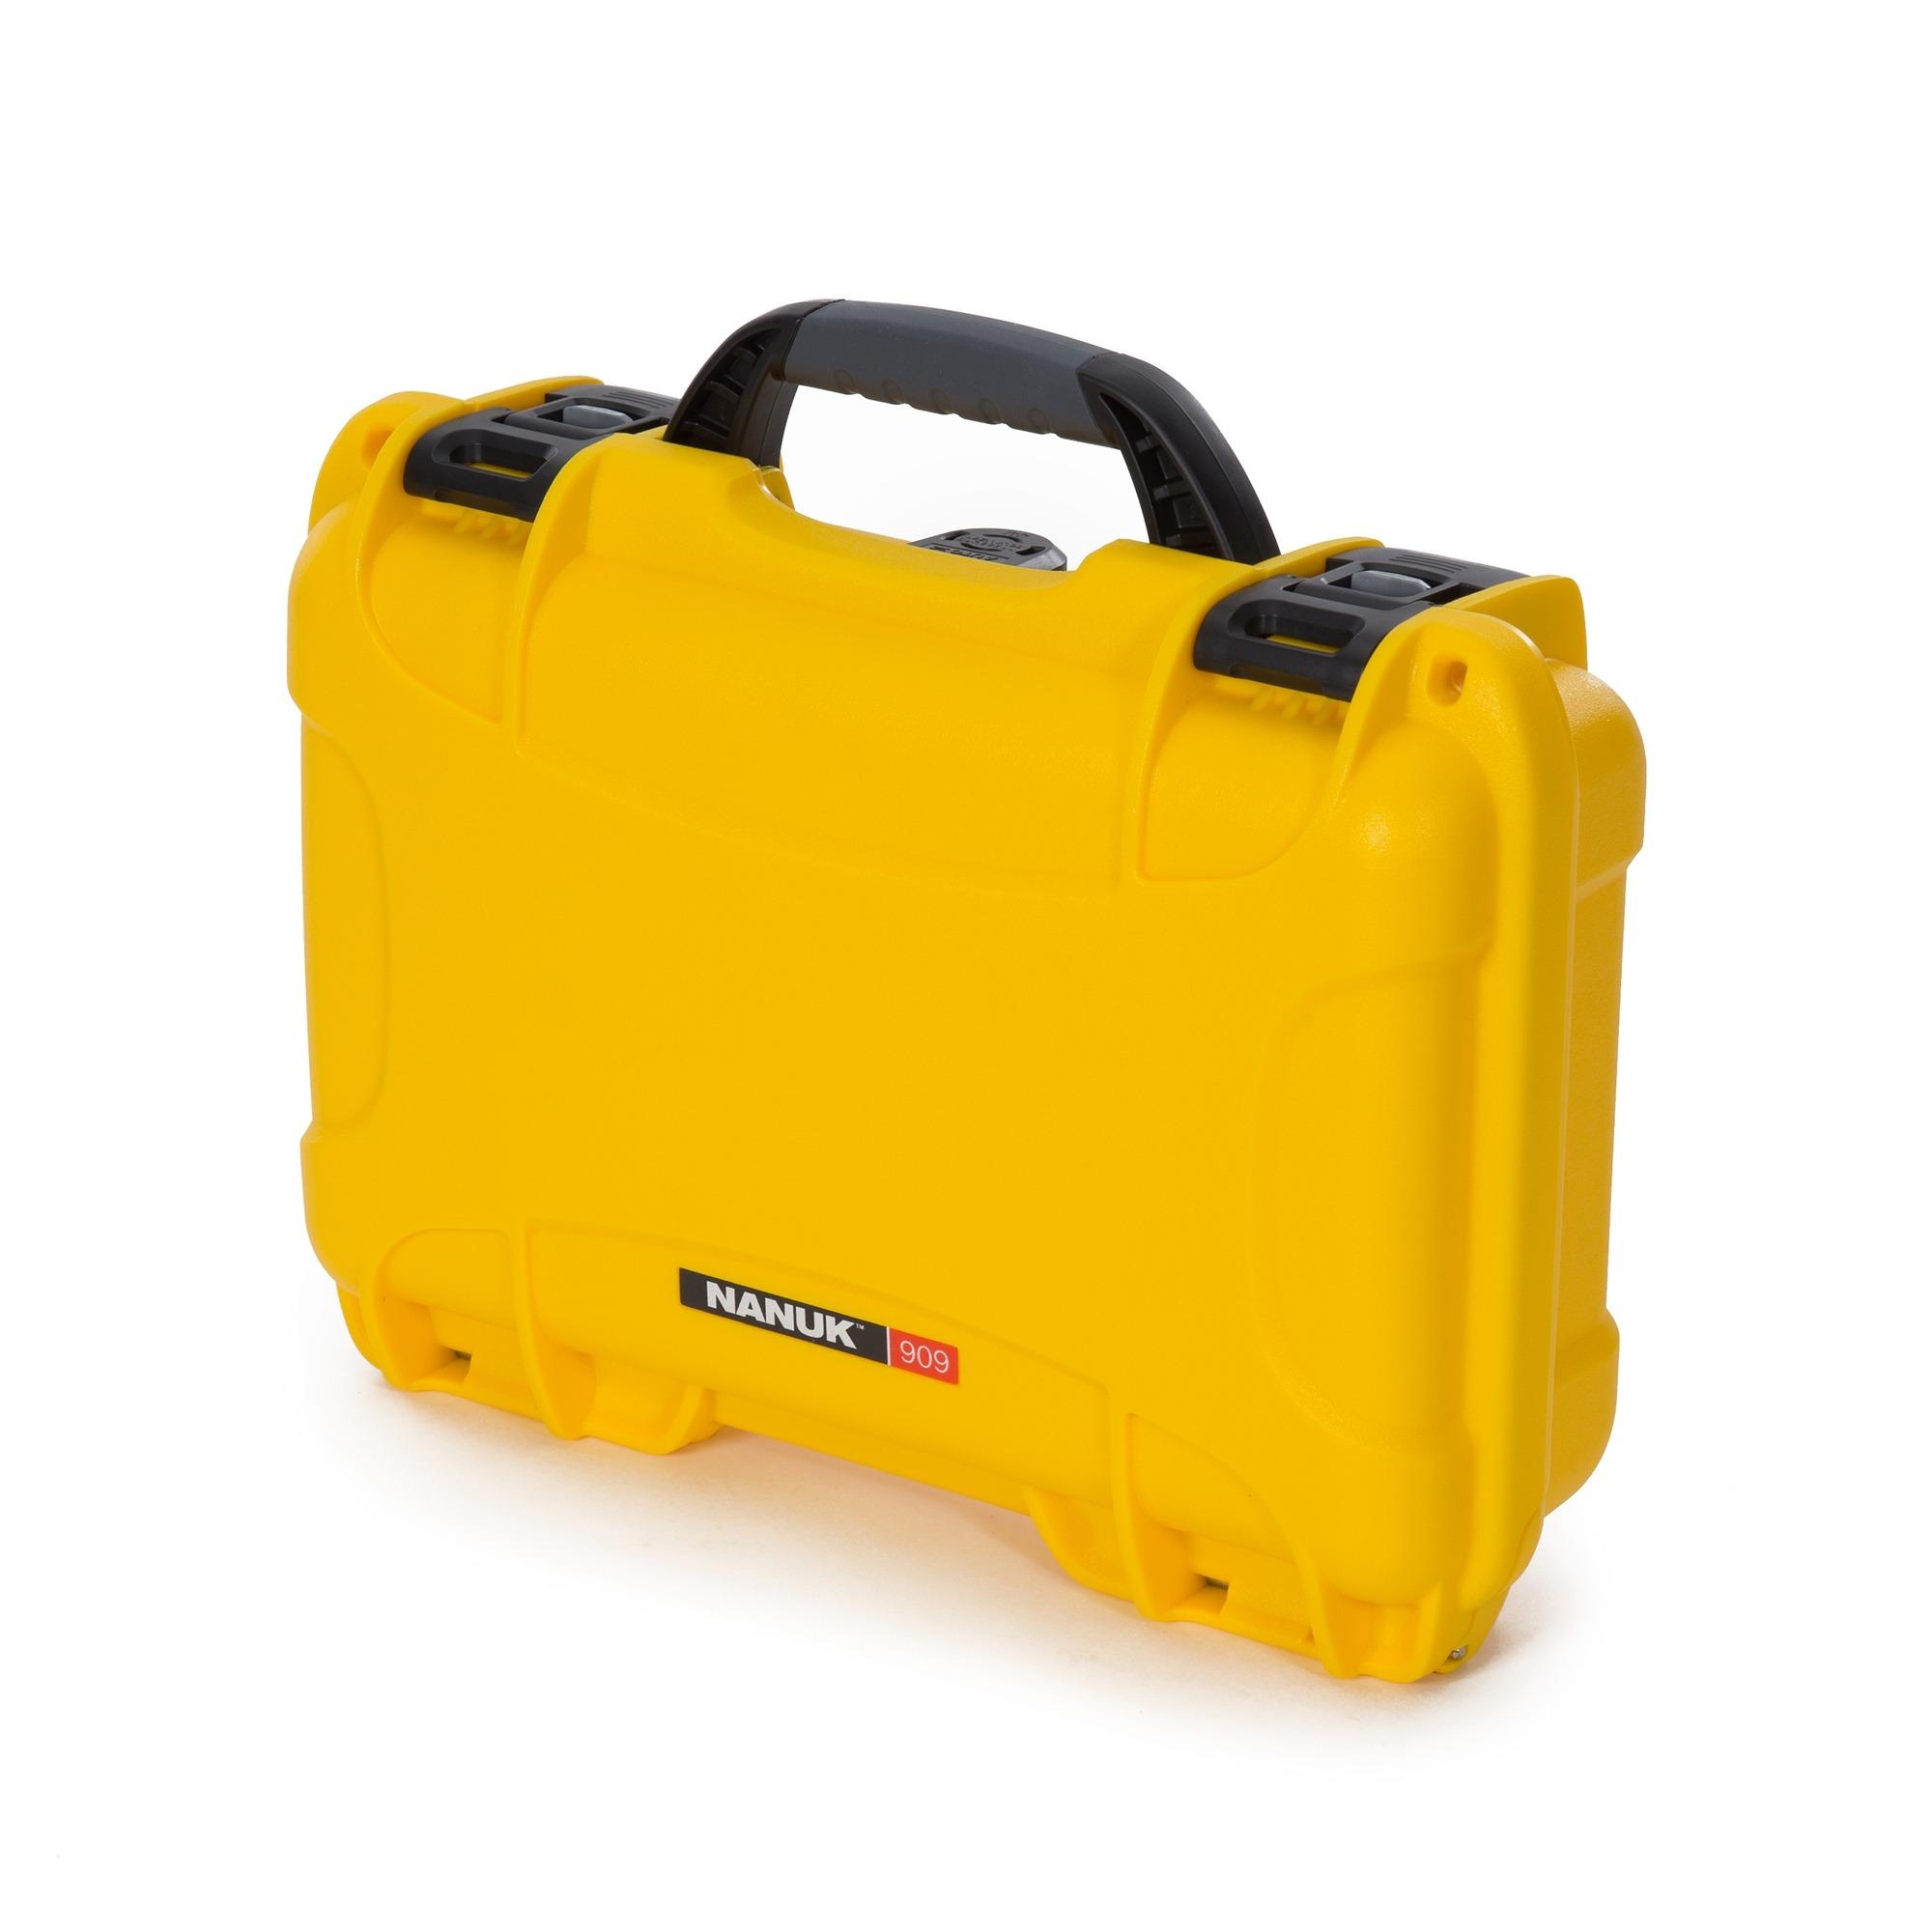 Nanuk 909 – yellow